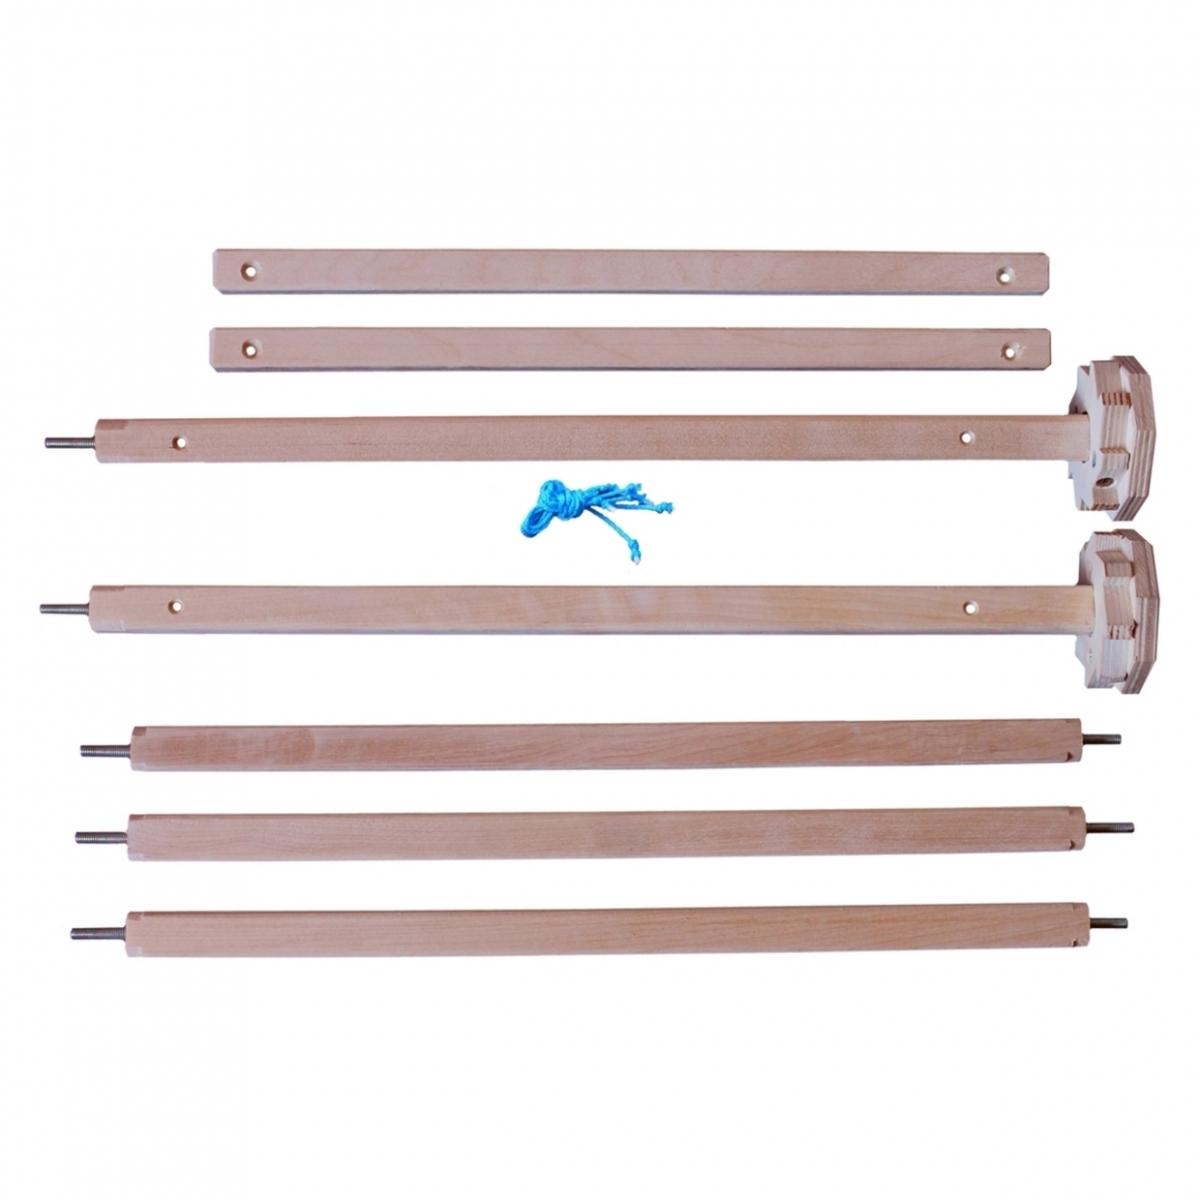 Set of shafts for rigid heddle loom